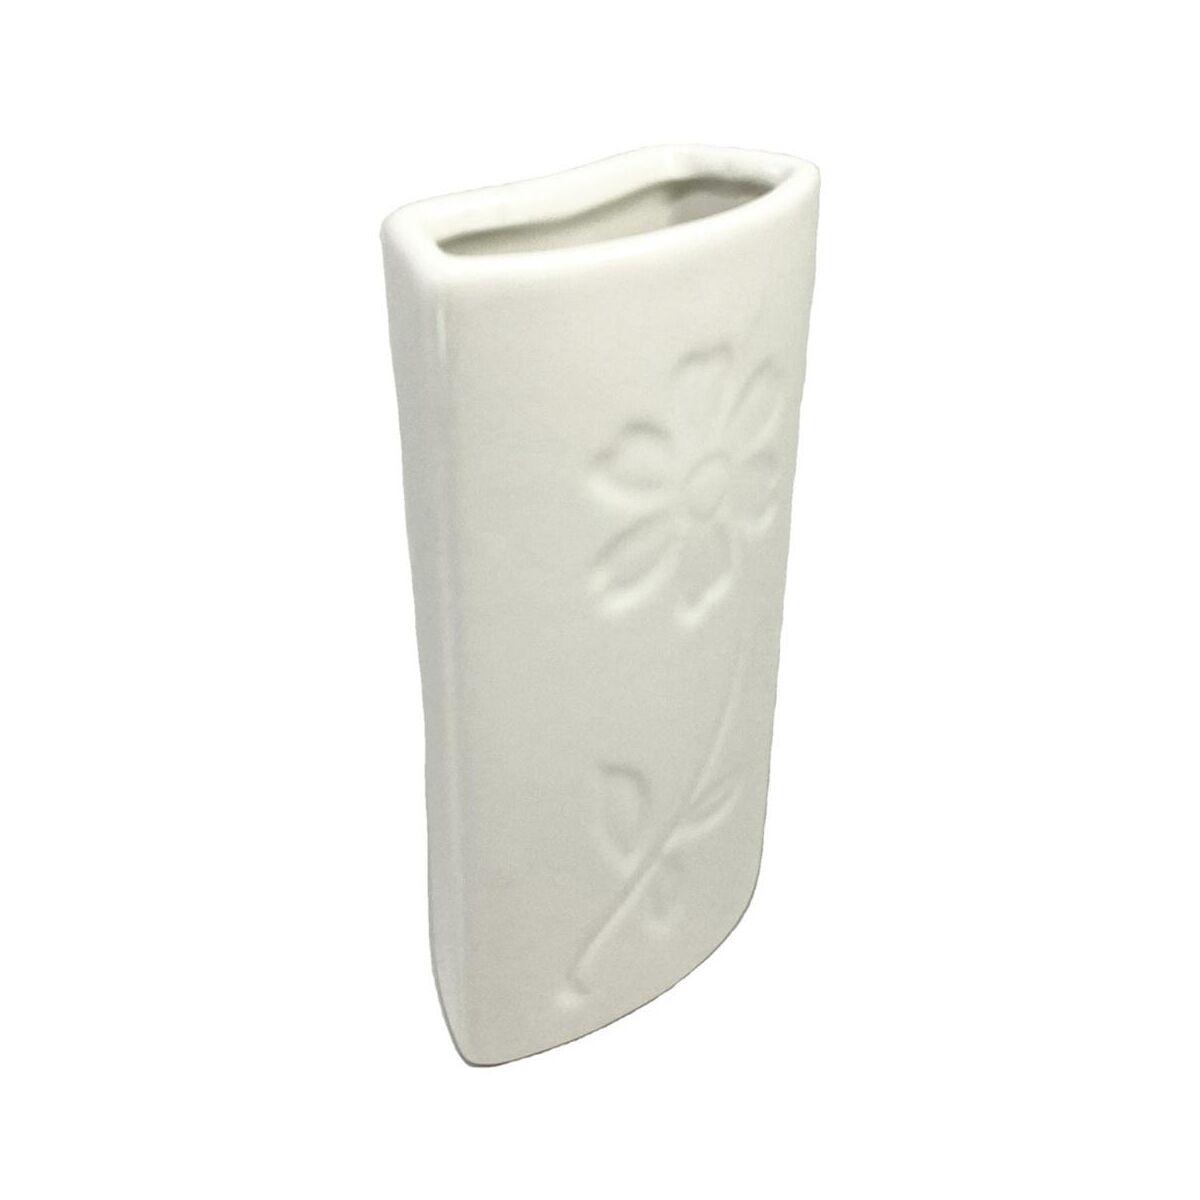 Wypozyczac Zolw Rozumiesz Nawilzacz Ceramiczny Do Kwiatow Goen Pl